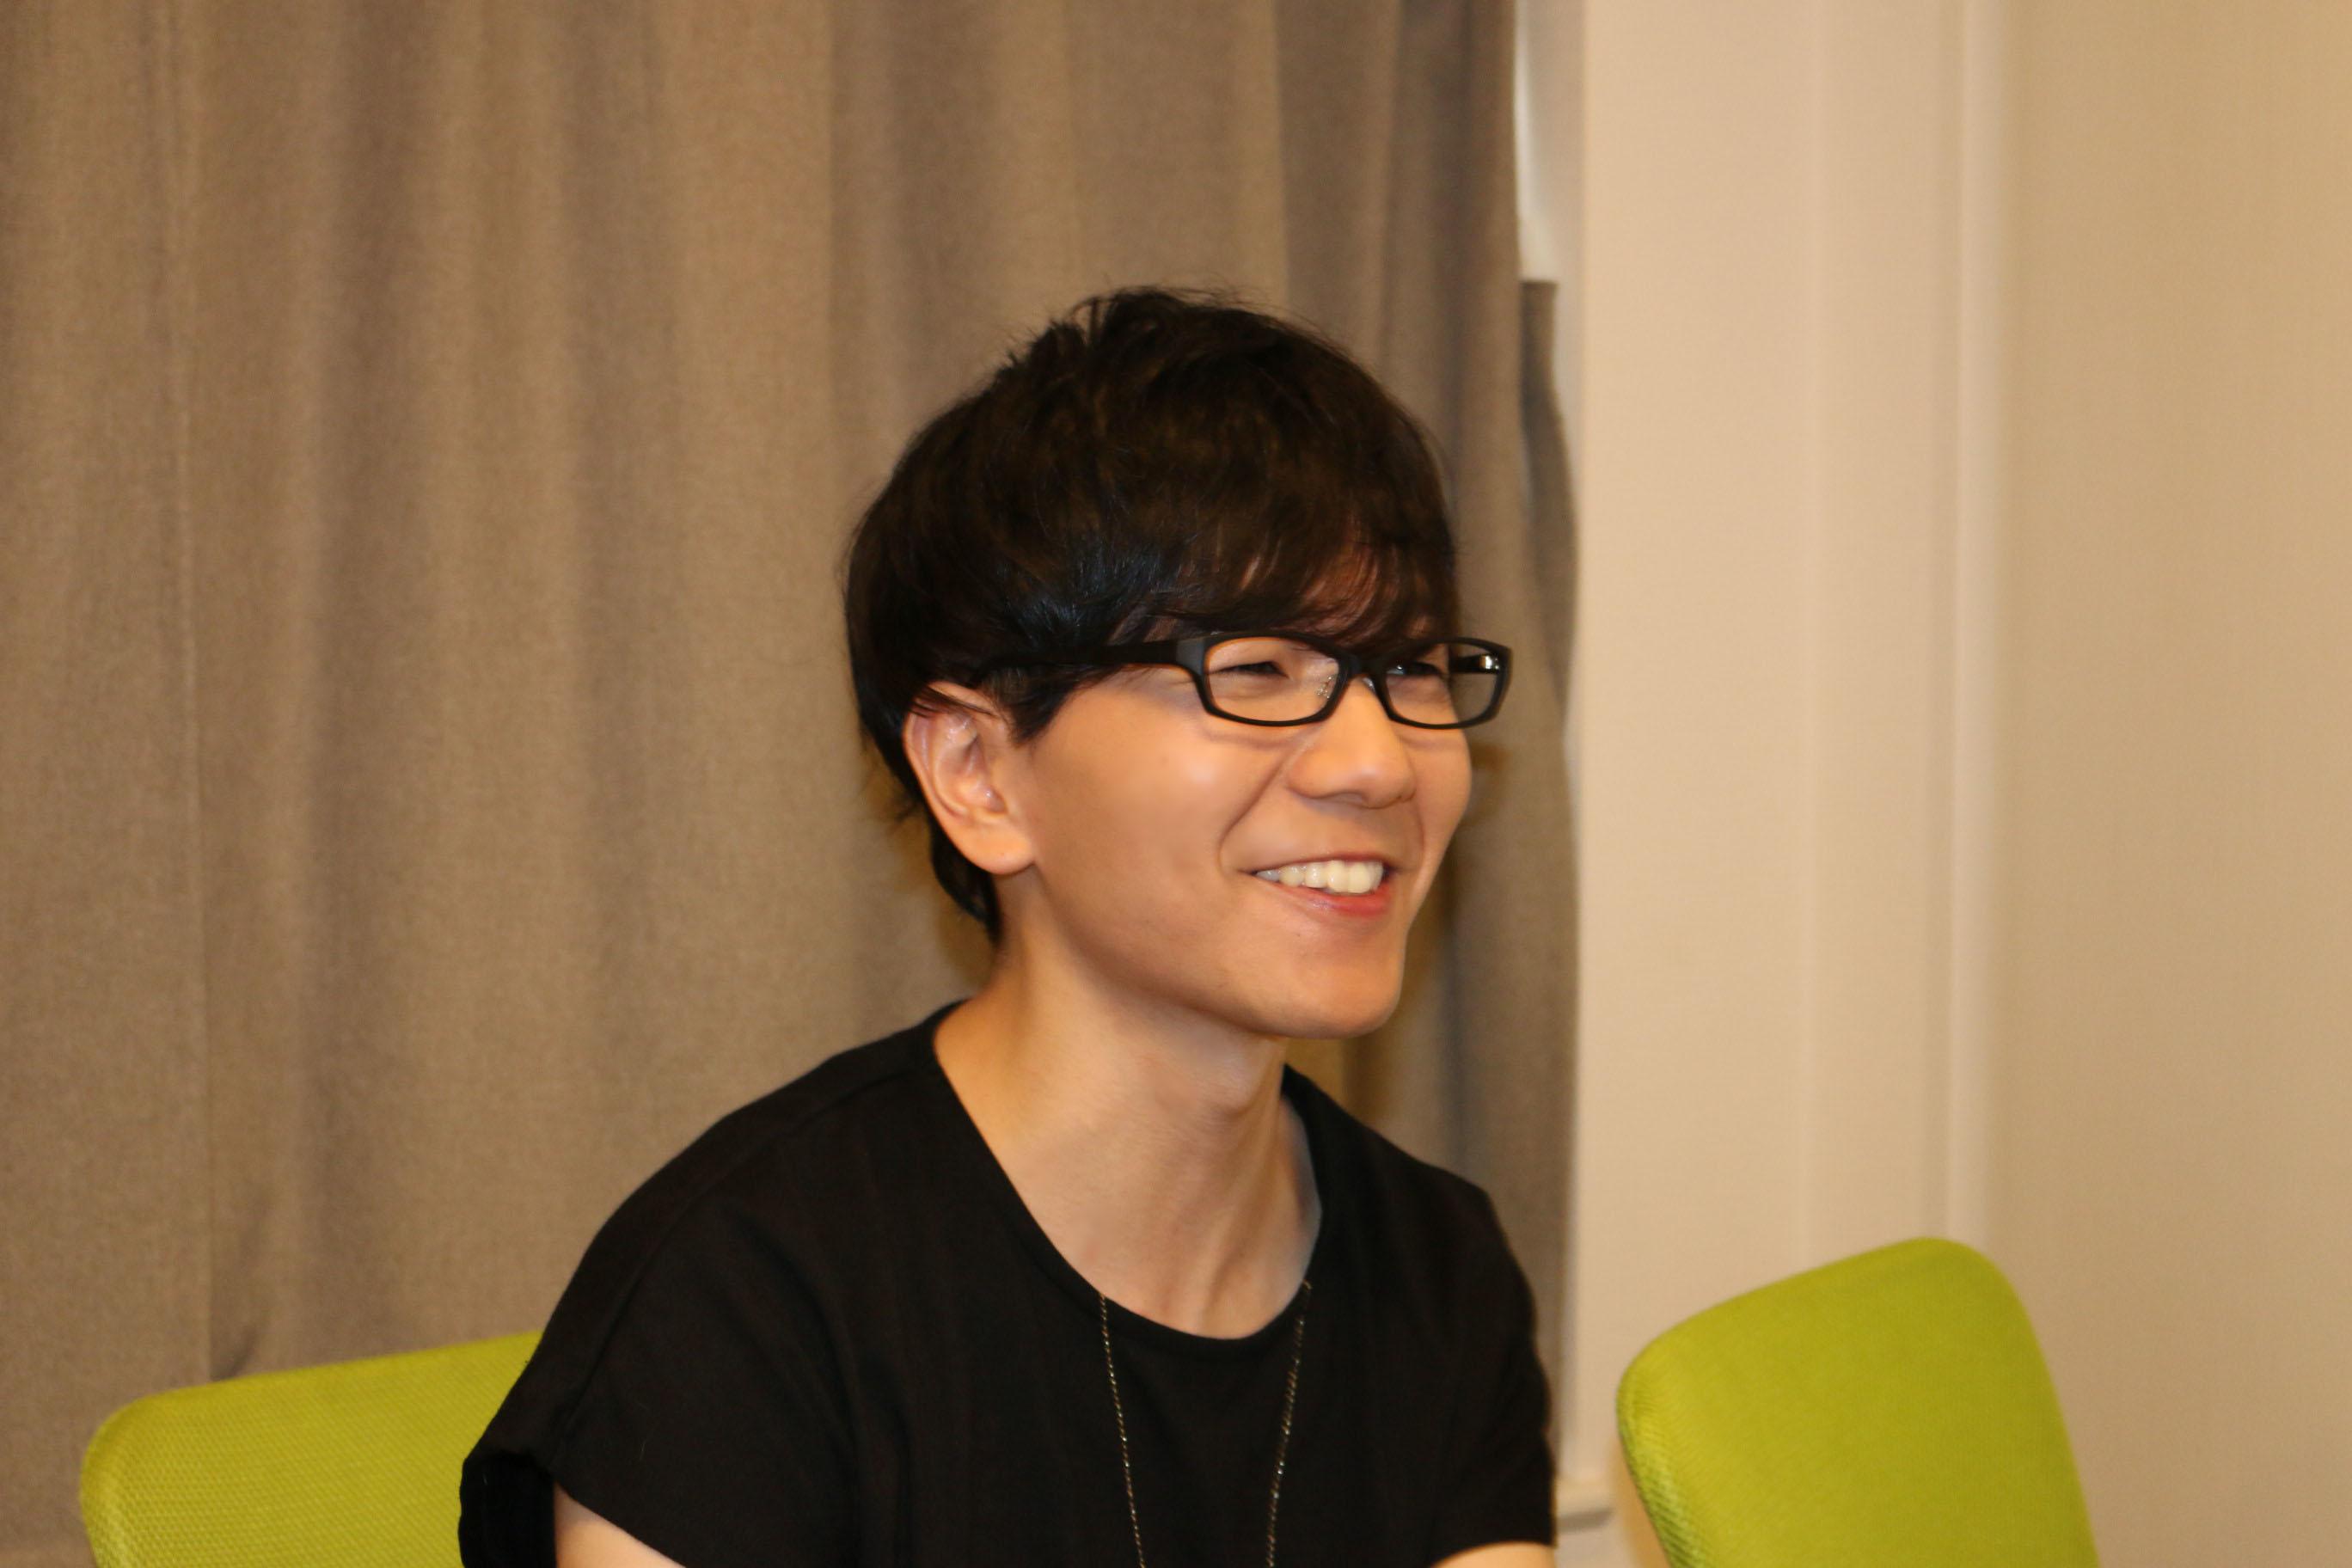 夏アニメも声優で観る!2020夏アニメ(来期7月)声優別まとめ一覧(5/25更新)